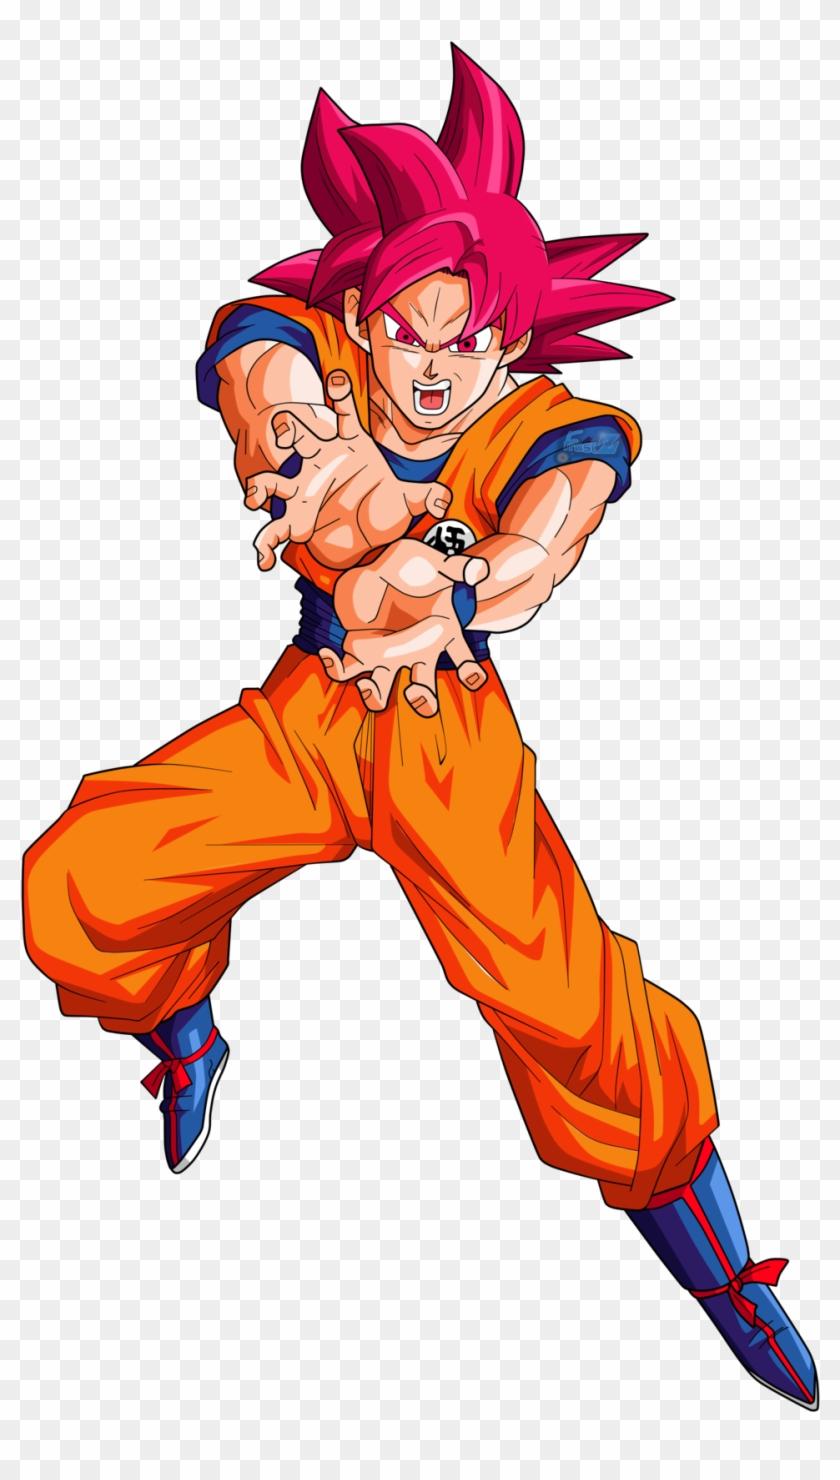 Goku Super Saiyan God Png.